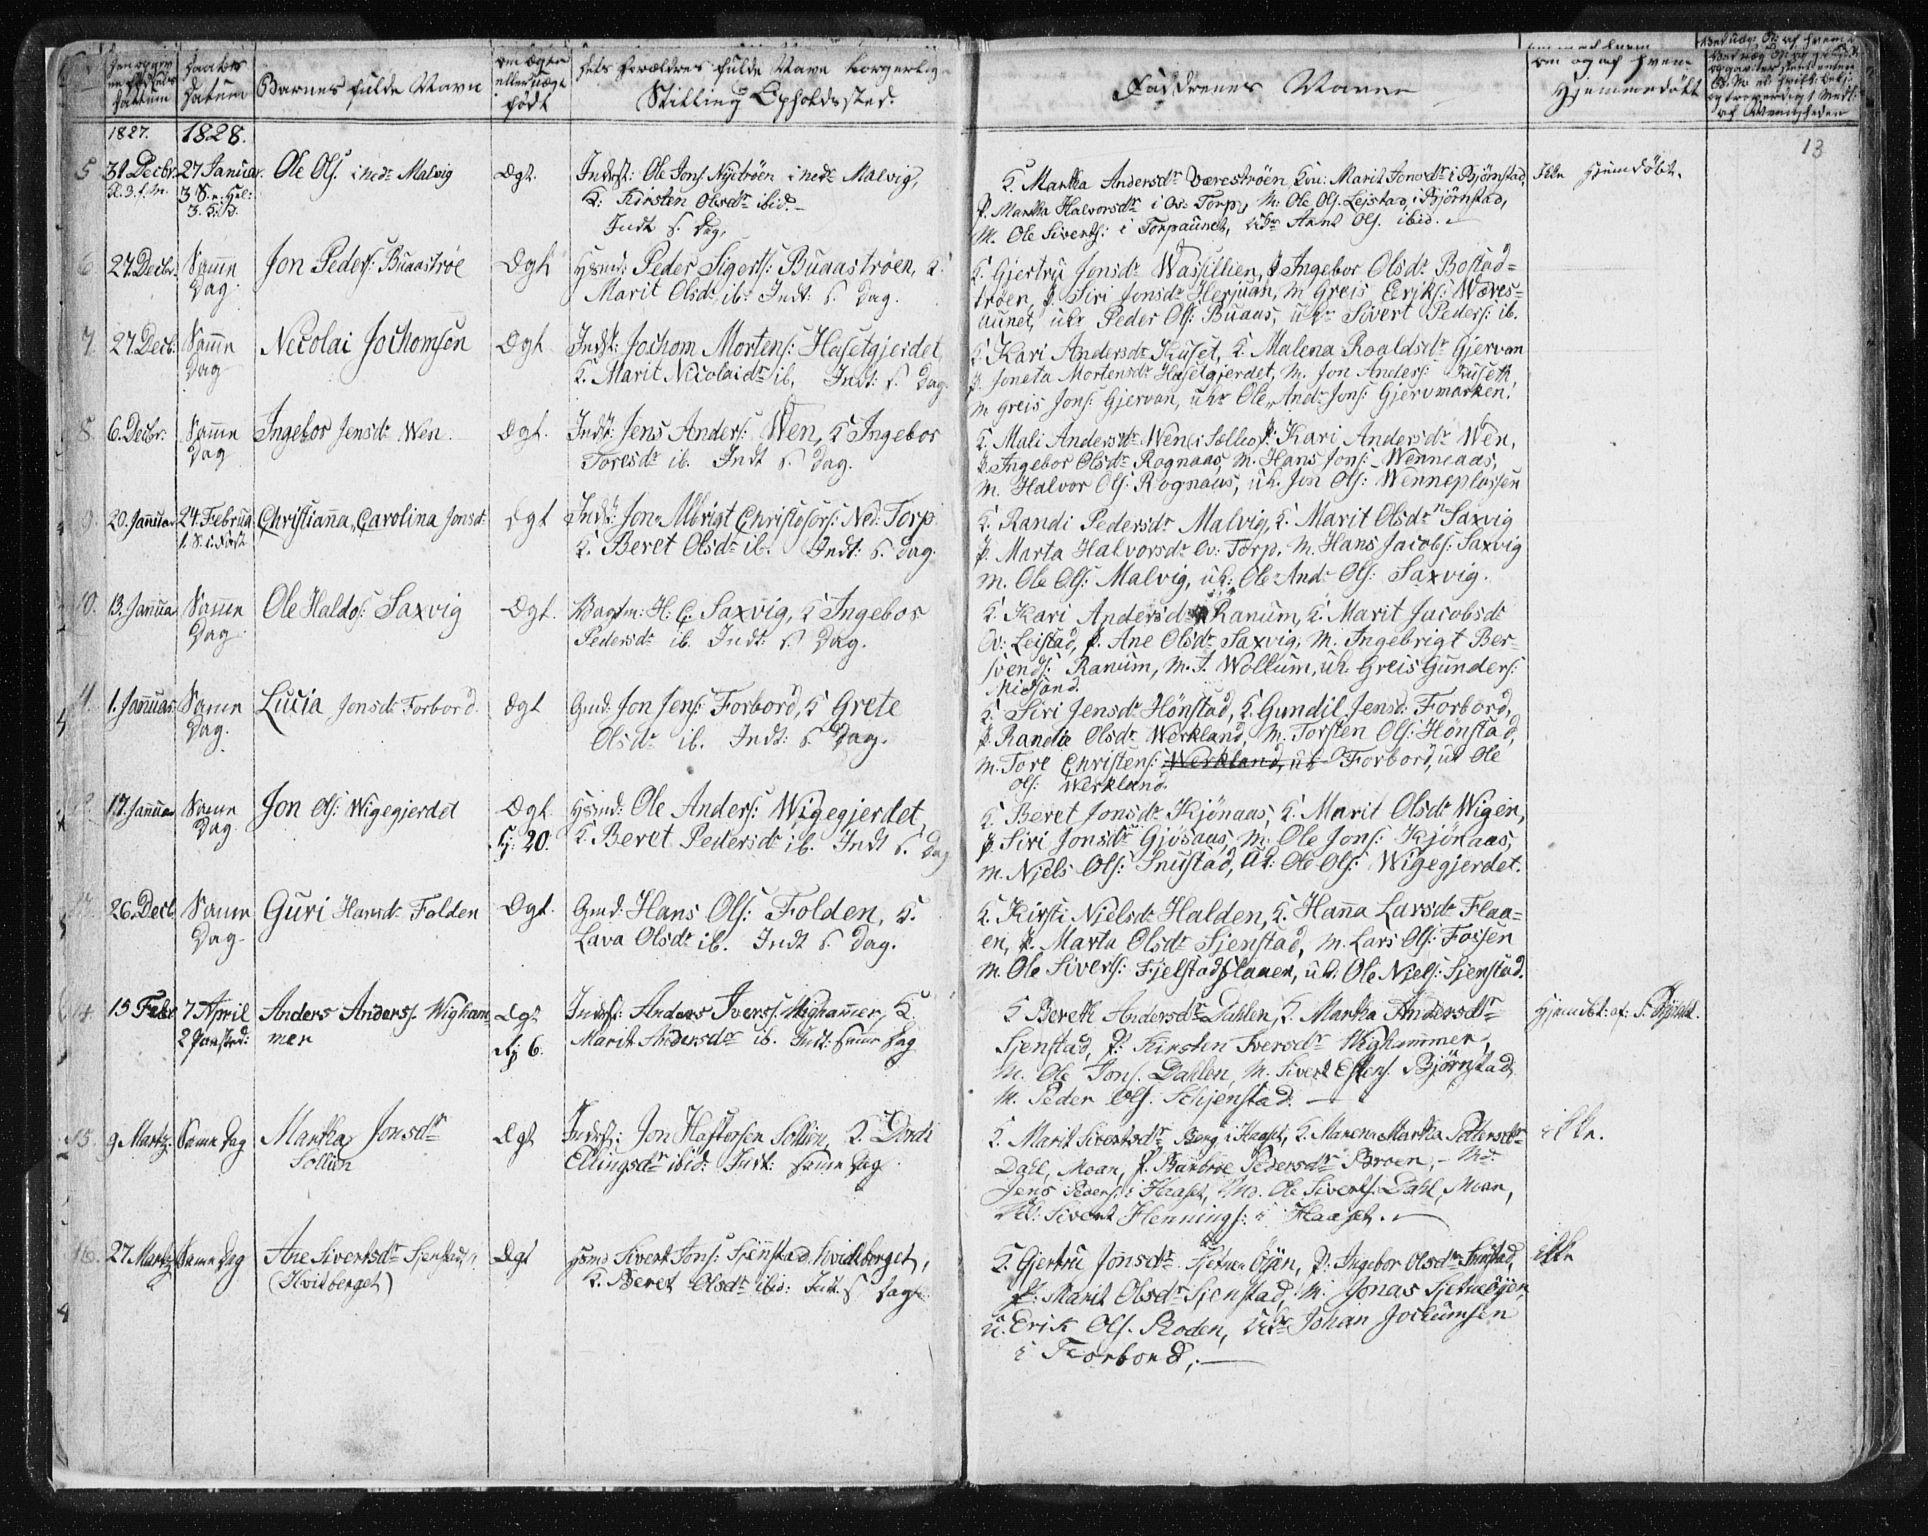 SAT, Ministerialprotokoller, klokkerbøker og fødselsregistre - Sør-Trøndelag, 616/L0404: Ministerialbok nr. 616A01, 1823-1831, s. 13